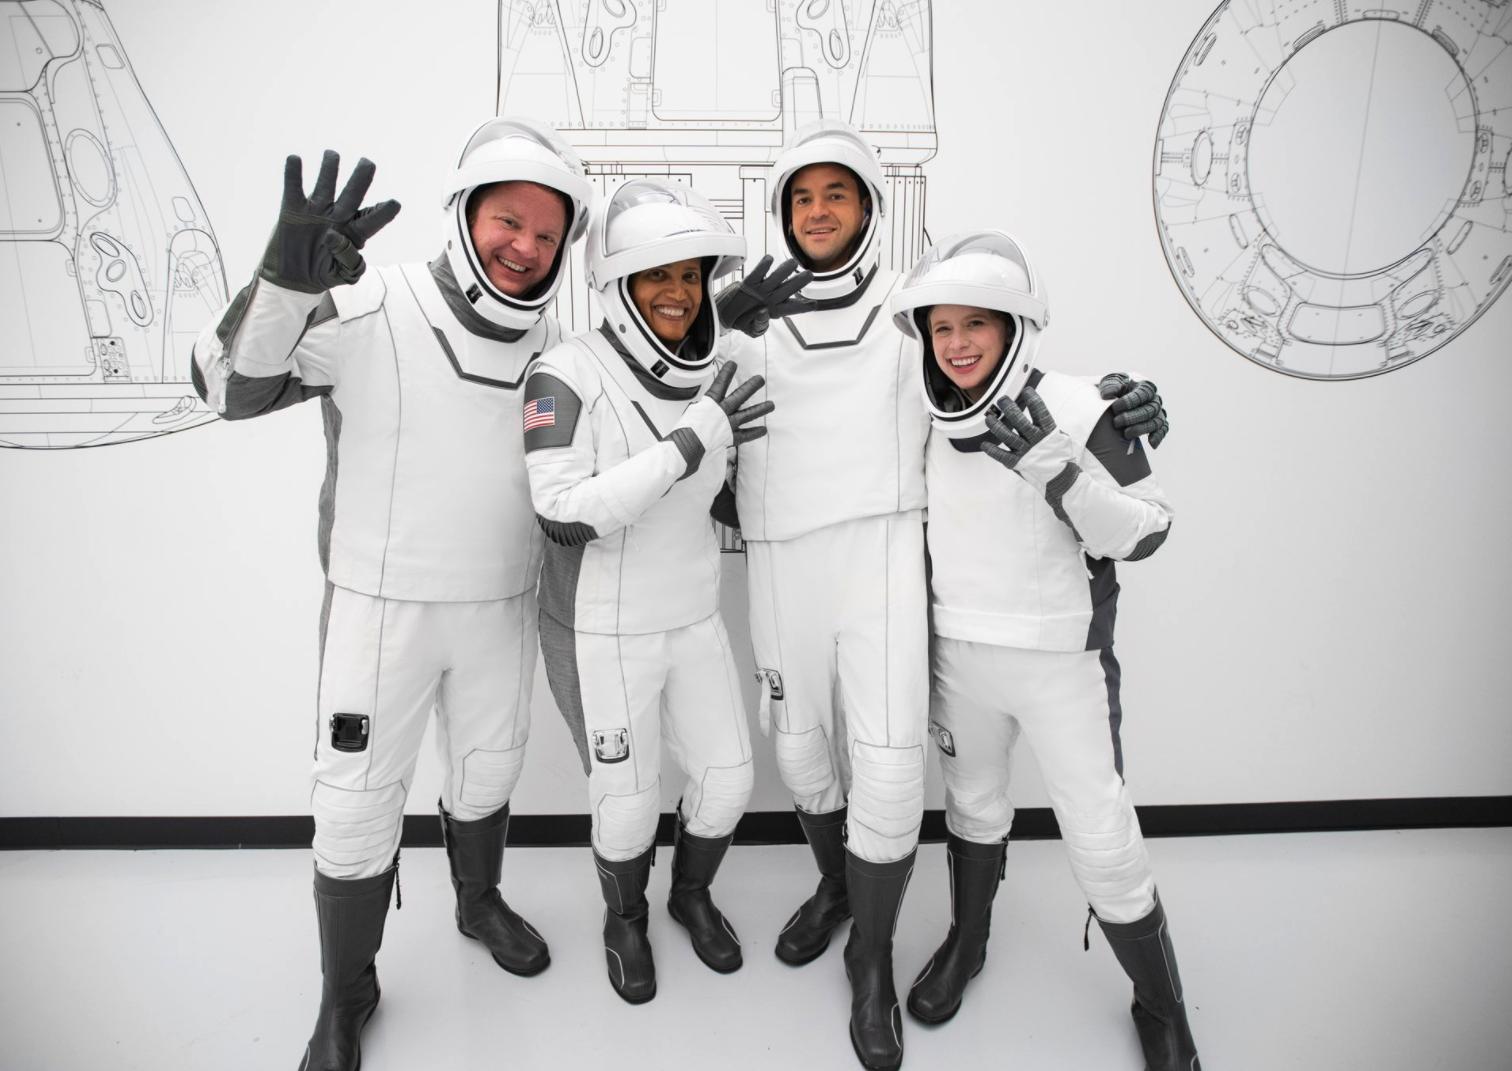 """贝佐斯和布兰森都""""飞""""了 马斯克没上太空到底是为啥?"""